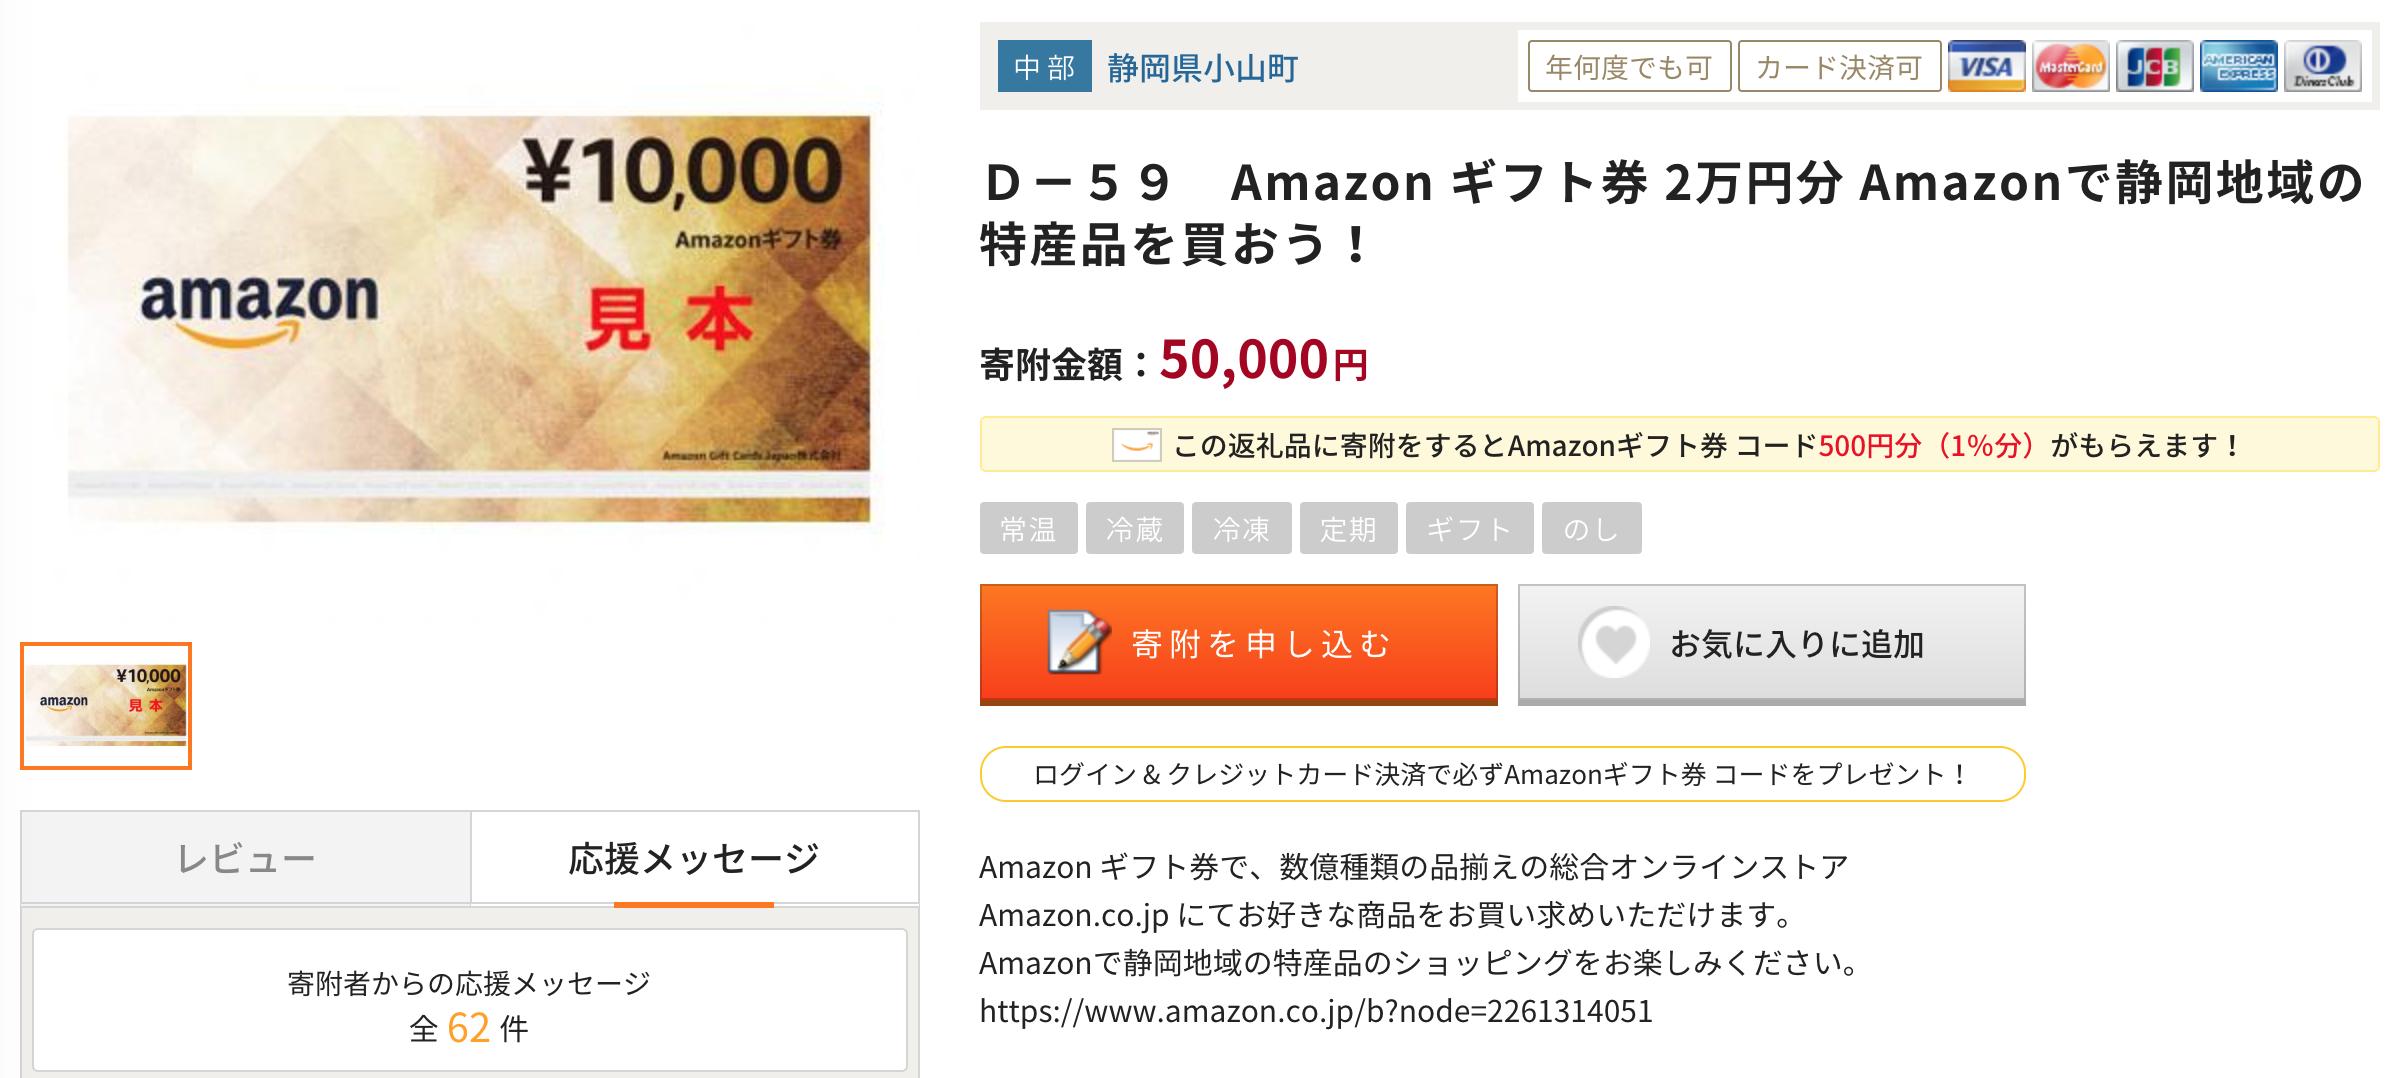 【2.3日で消えます】ふるさと納税返礼品にアマゾンギフト券登場